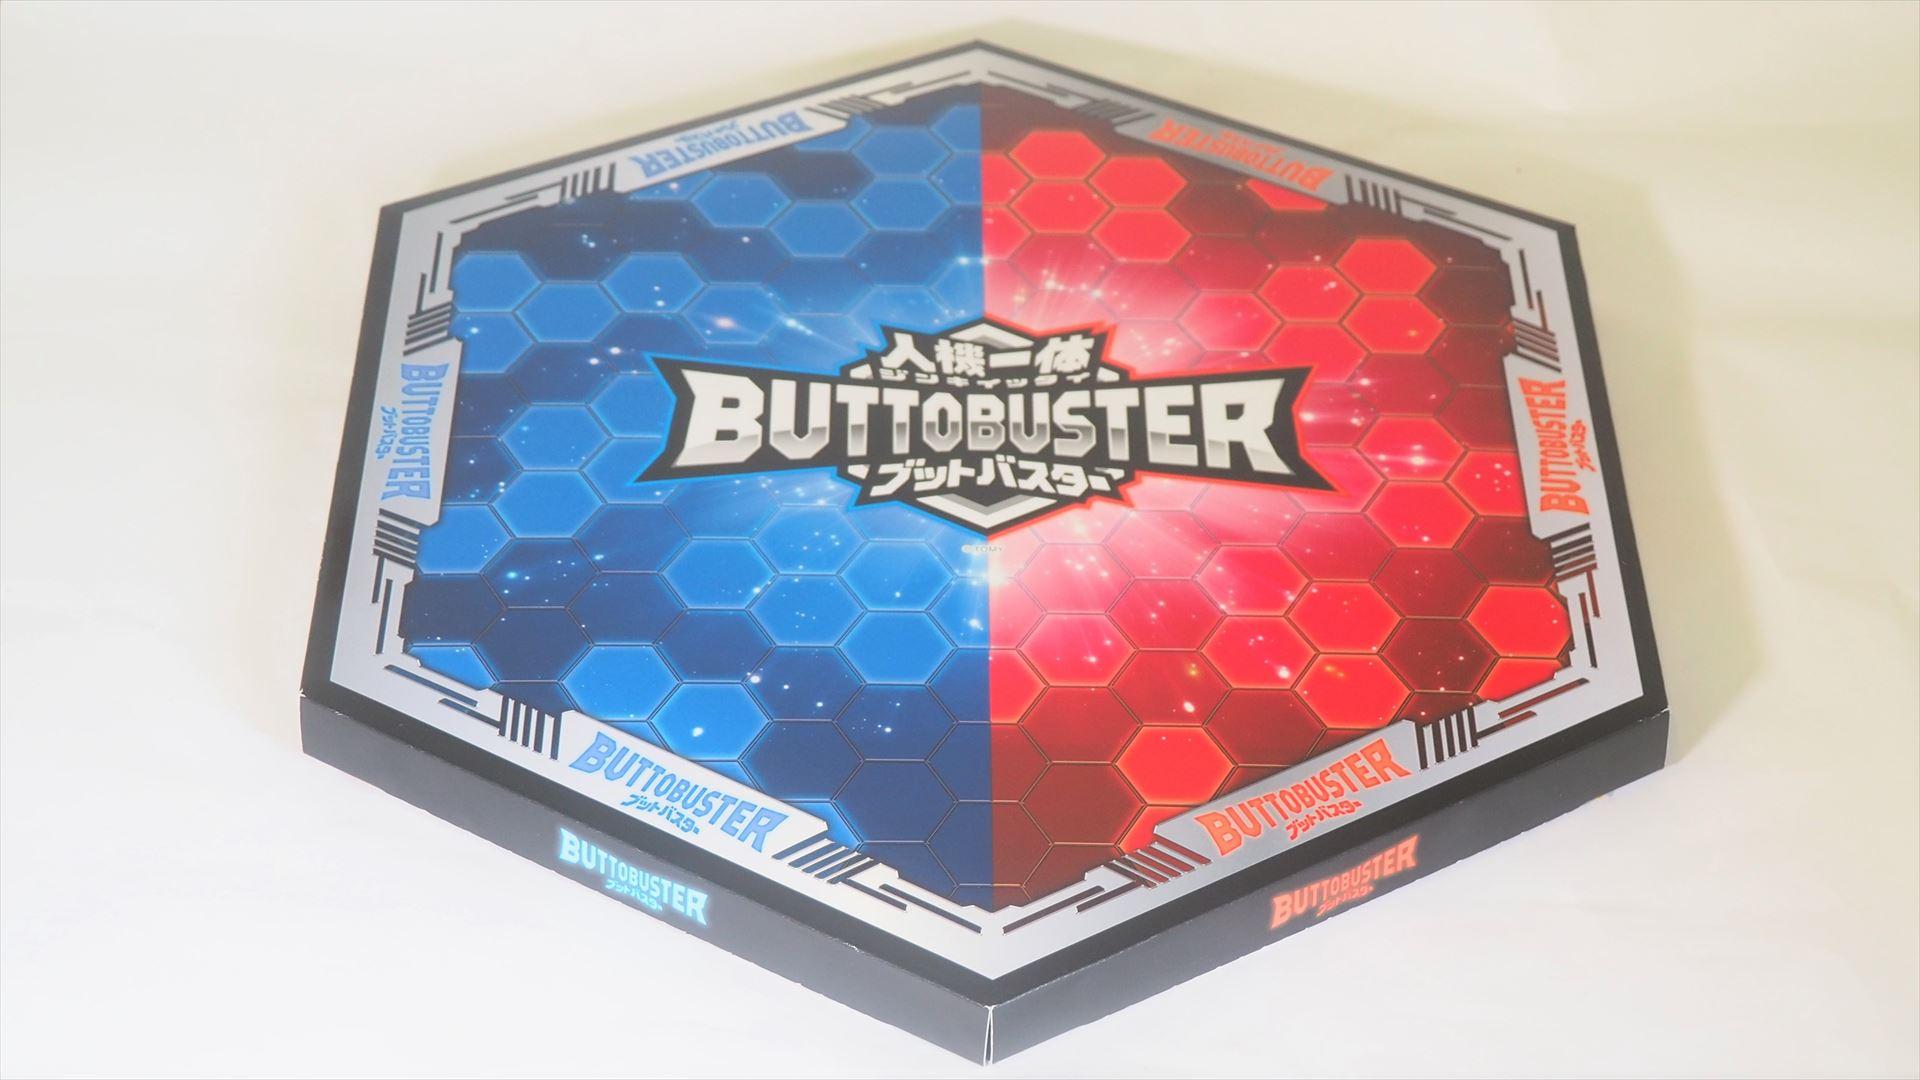 「ブッ飛ばしバトルセット」を購入すると、限定特典として「ブットバスター バトルステージ」がもらえる。バトルステージの全長は約43cmだ